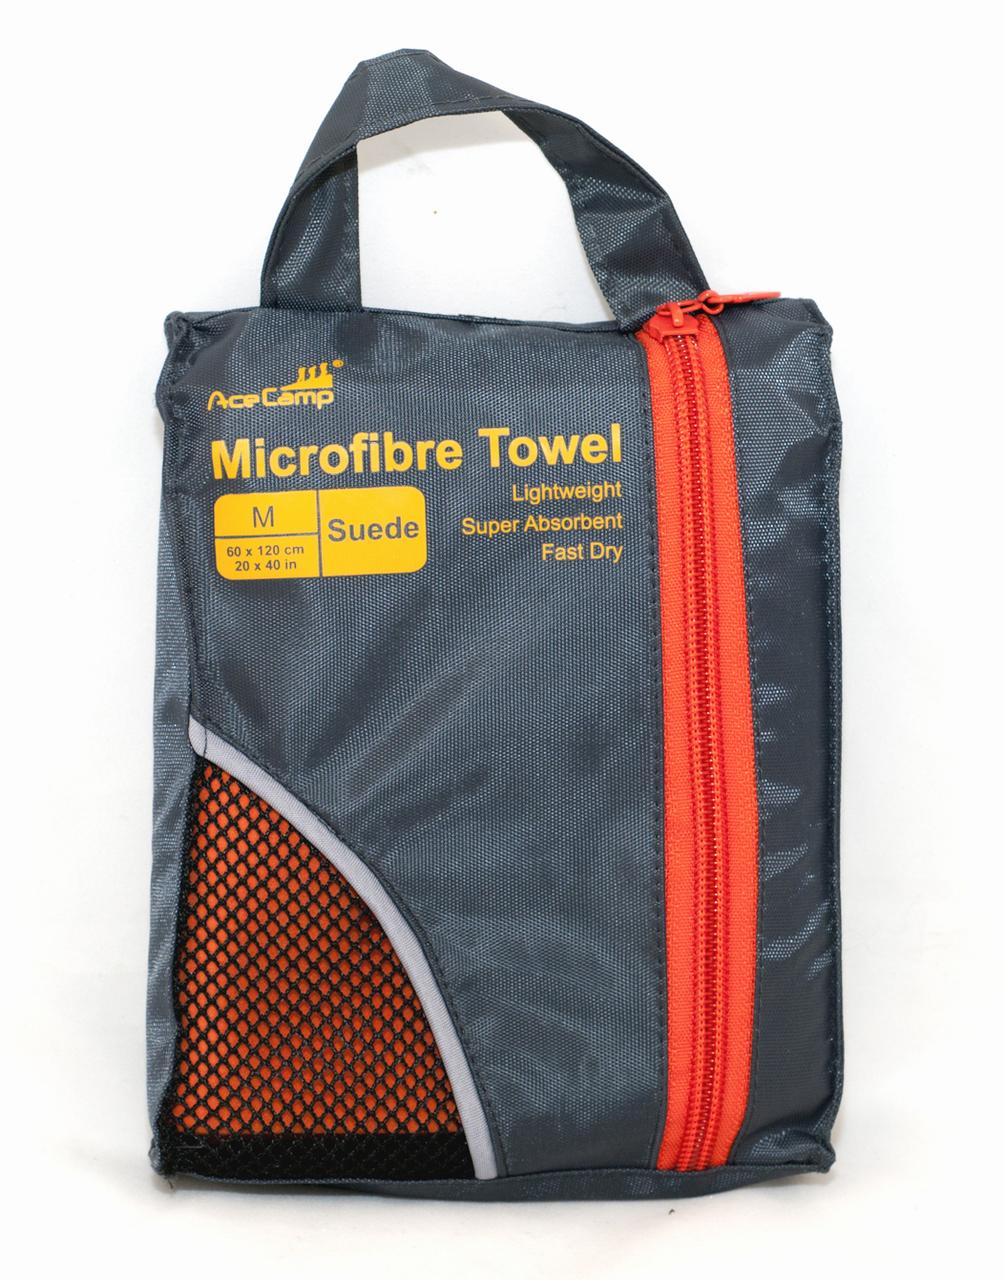 Полотенце из микрофибры Microfibre Towel Suede M, 5182, Туалетные принадлежности - арт. 816410398